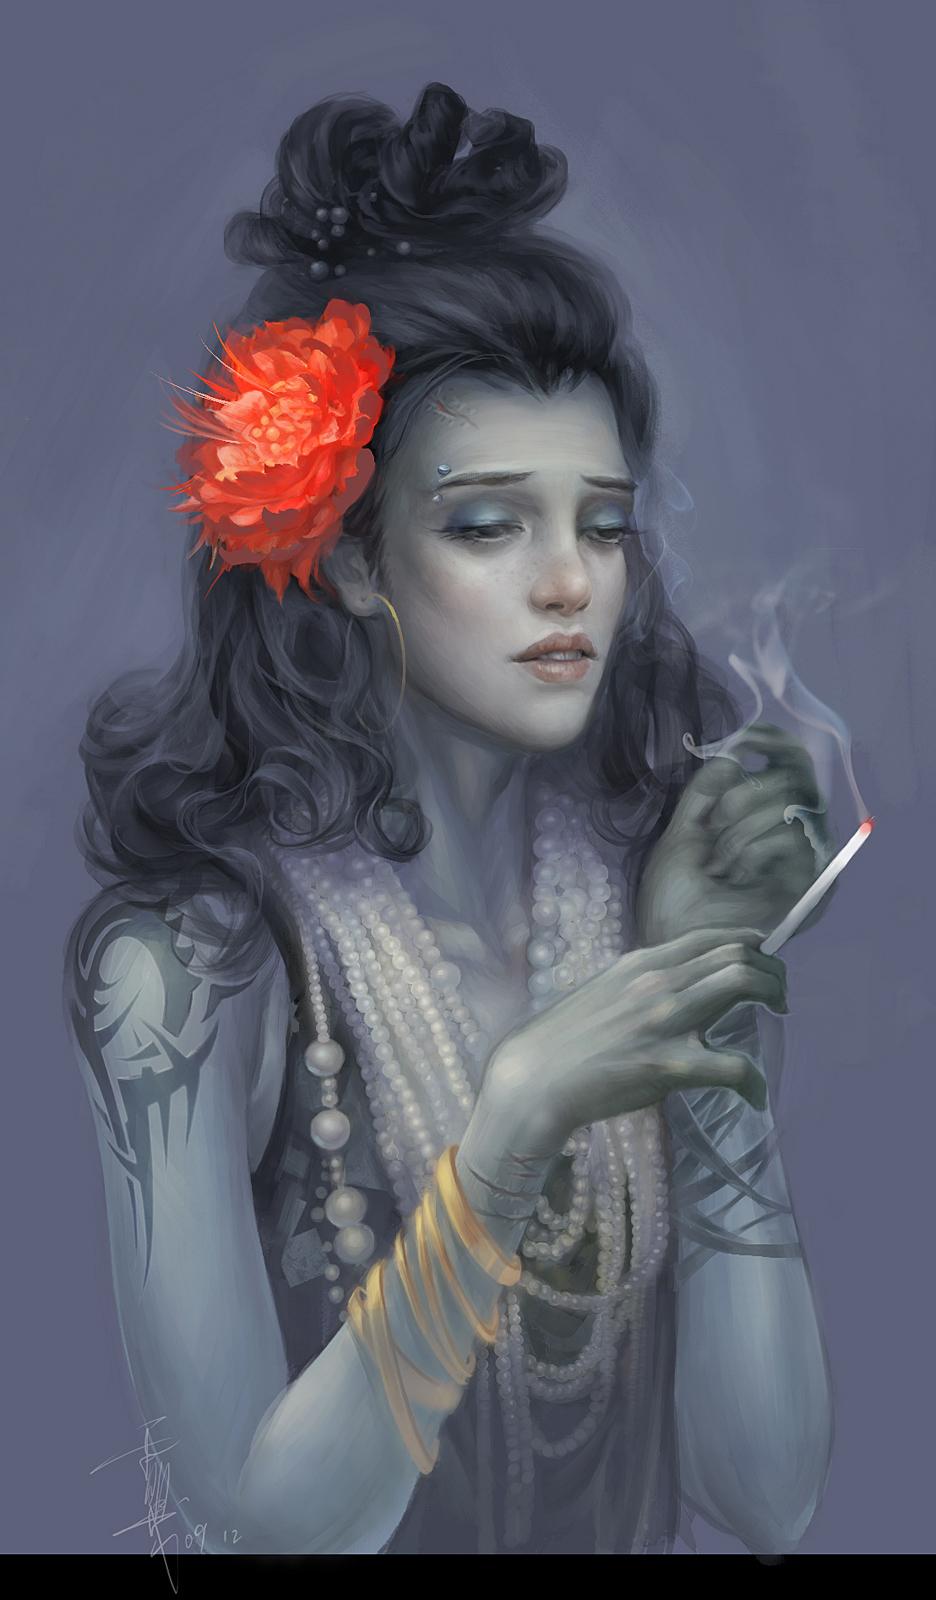 Gooncool smoking 1 ac6f9ae1 5hwl